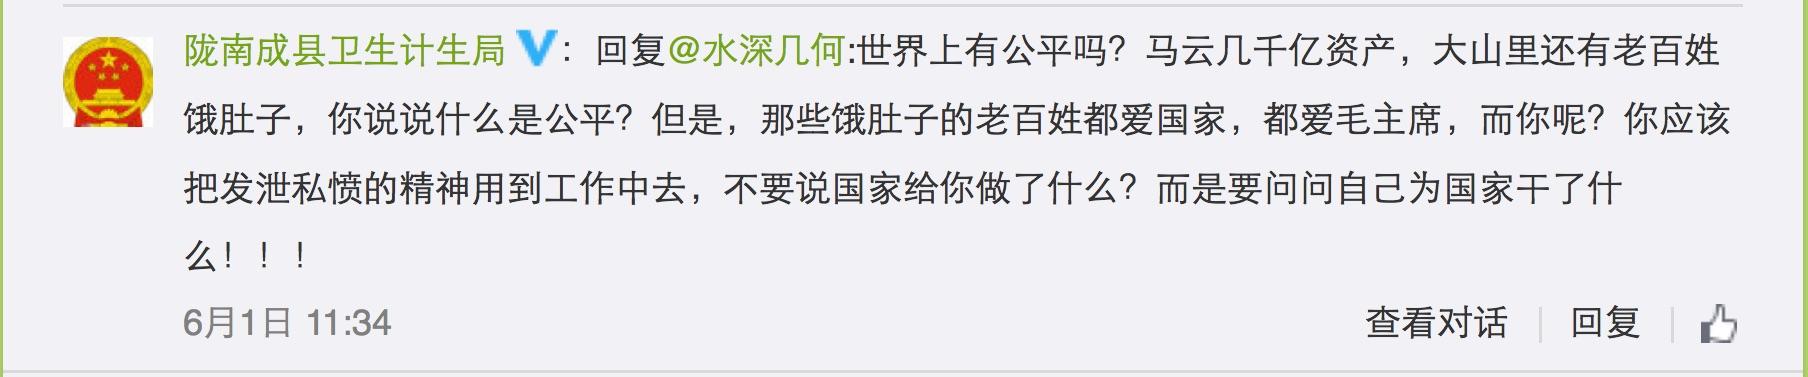 陇南成县卫生计生局3